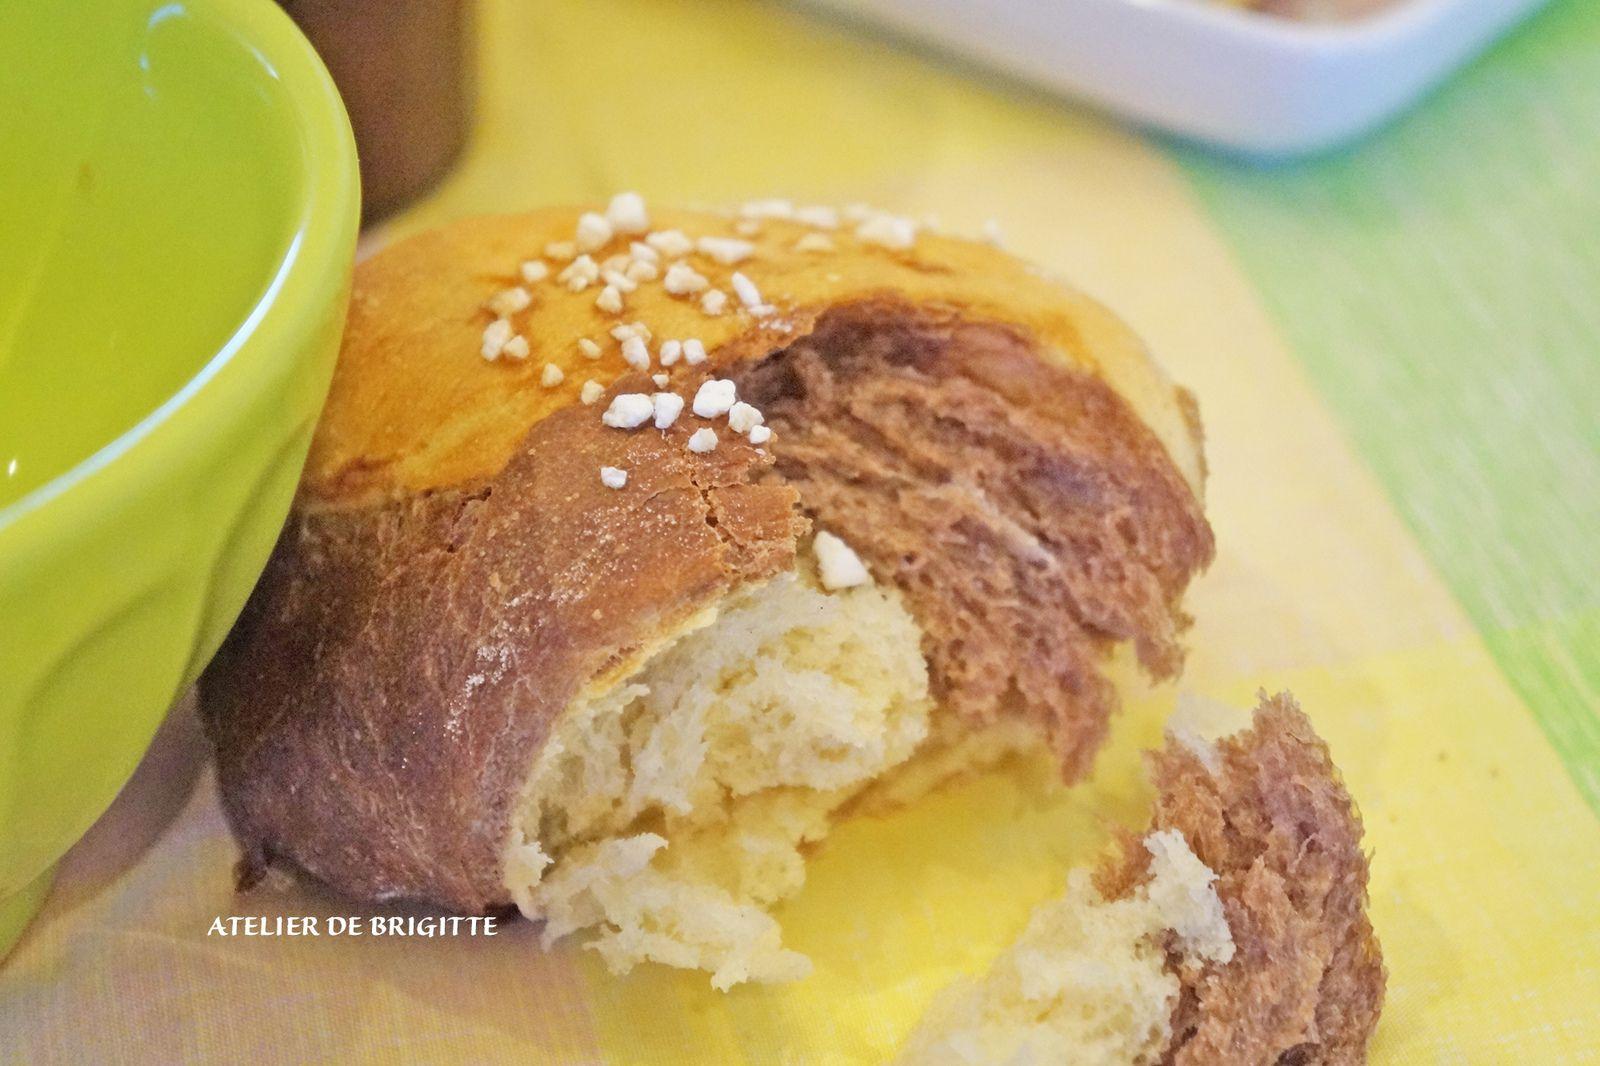 pain brioché, pain Challah, cacao, fête du Shabbat, goûter, petit déjeuner, traditions, brioche